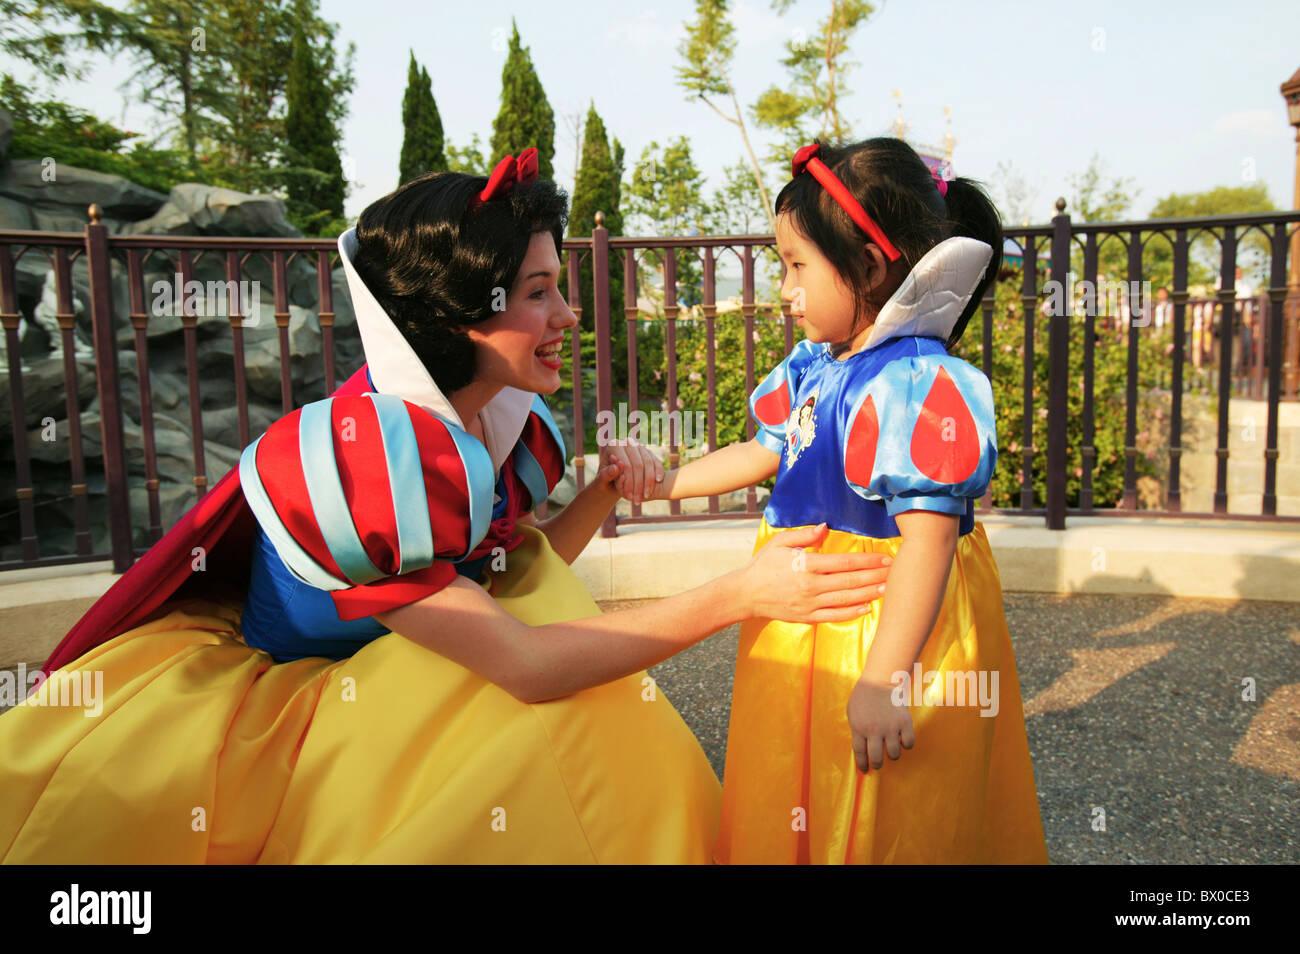 La princesse blanche neige message d'une fille qui s'habillent de la même, Fantasyland, Hong Kong Disneyland, Photo Stock